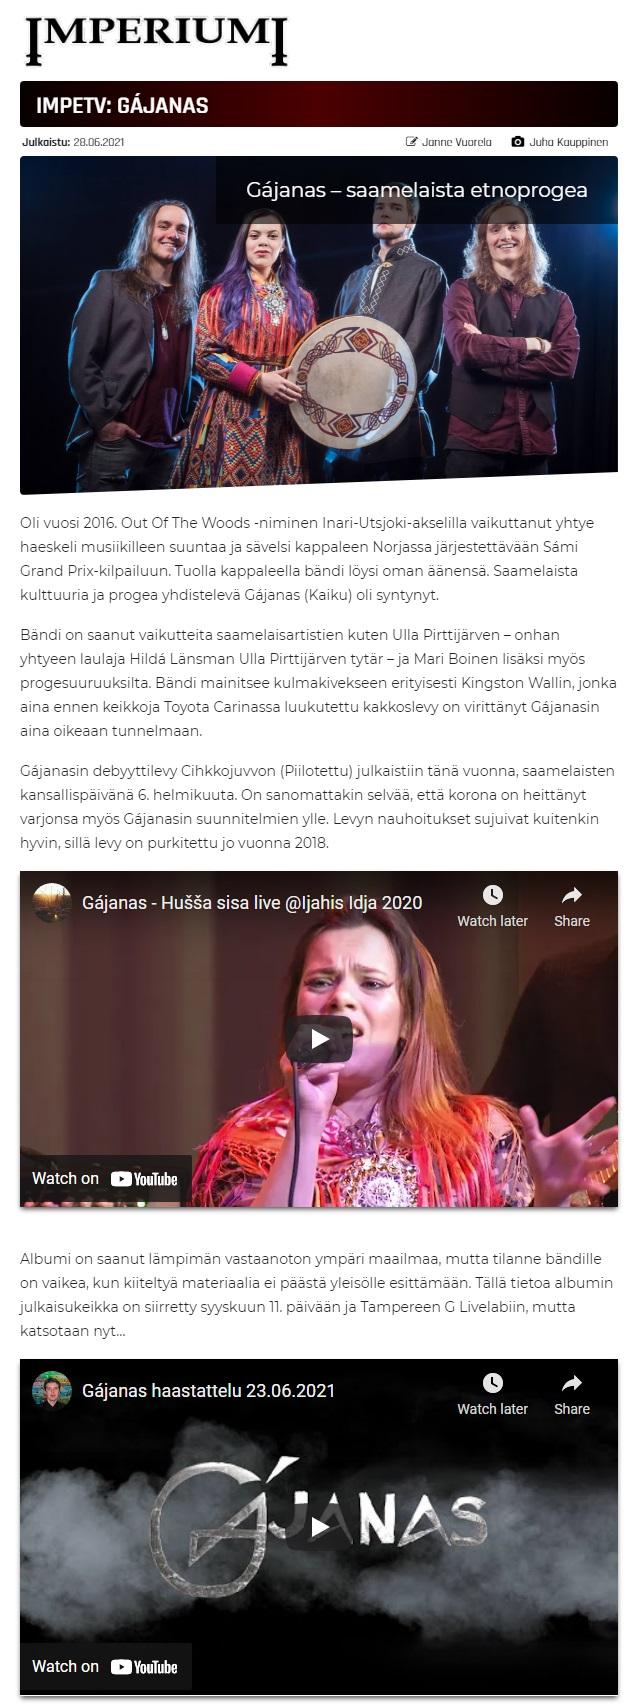 Imperiumi (Finland), 28.6.2021